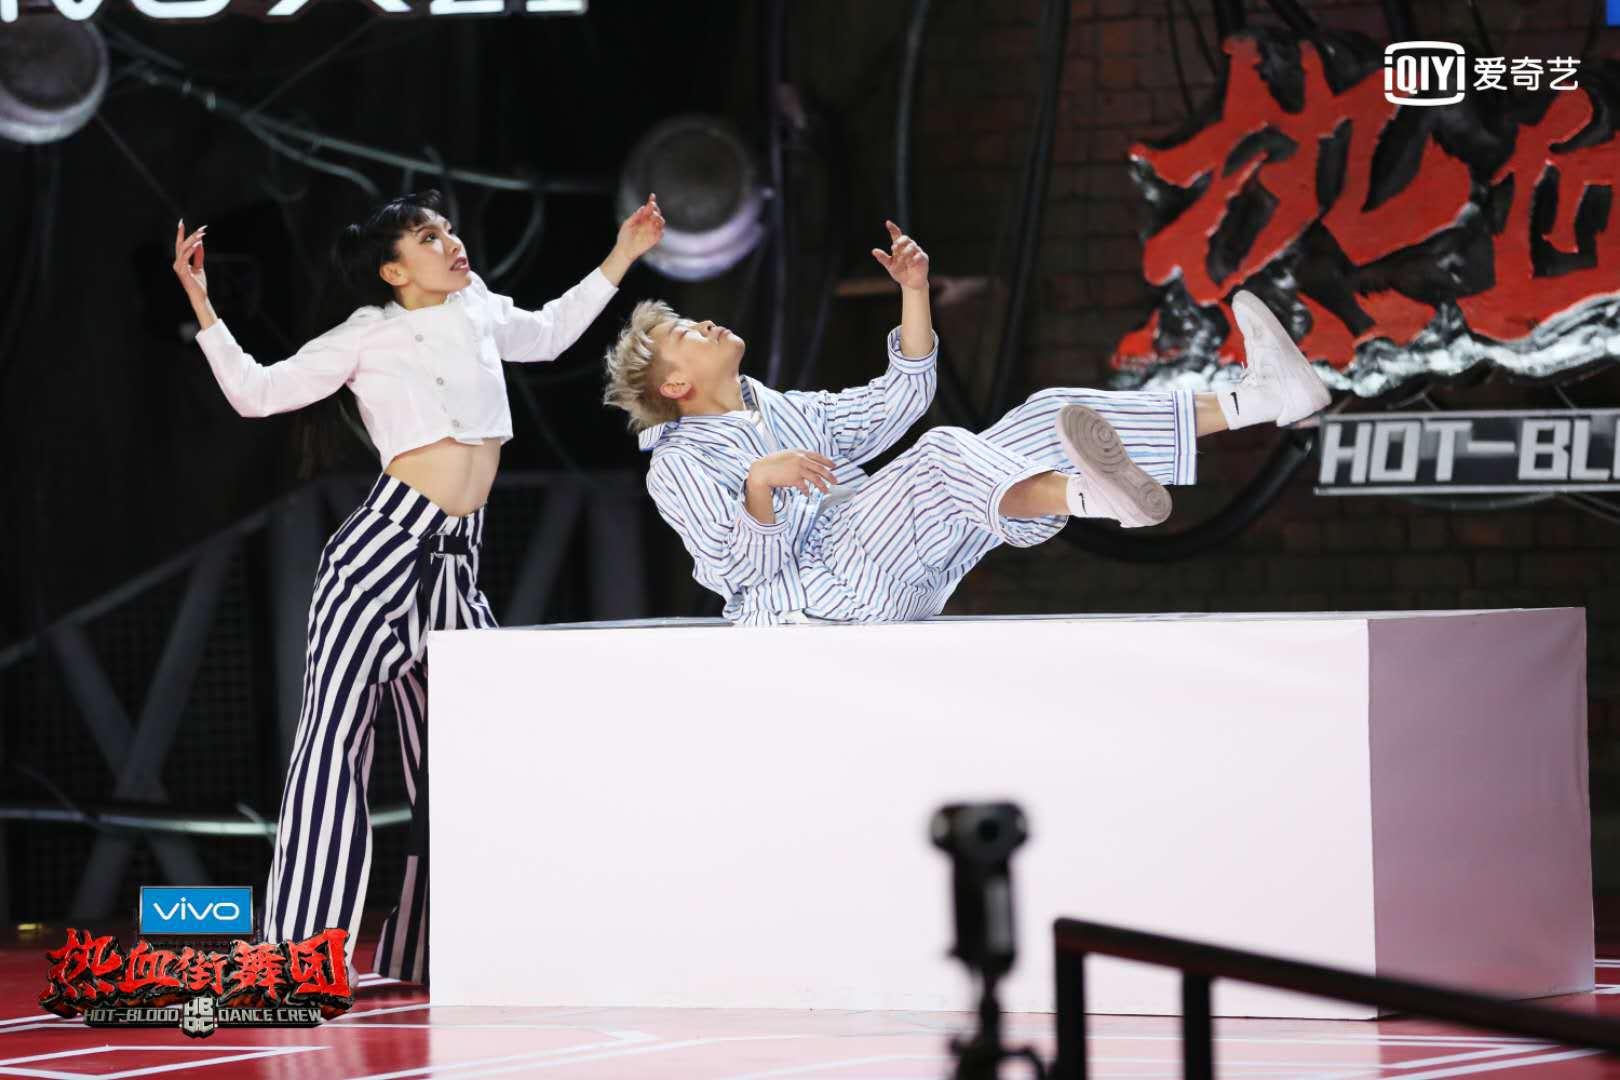 《热血街舞团》激烈竞争之余展现舞者情意